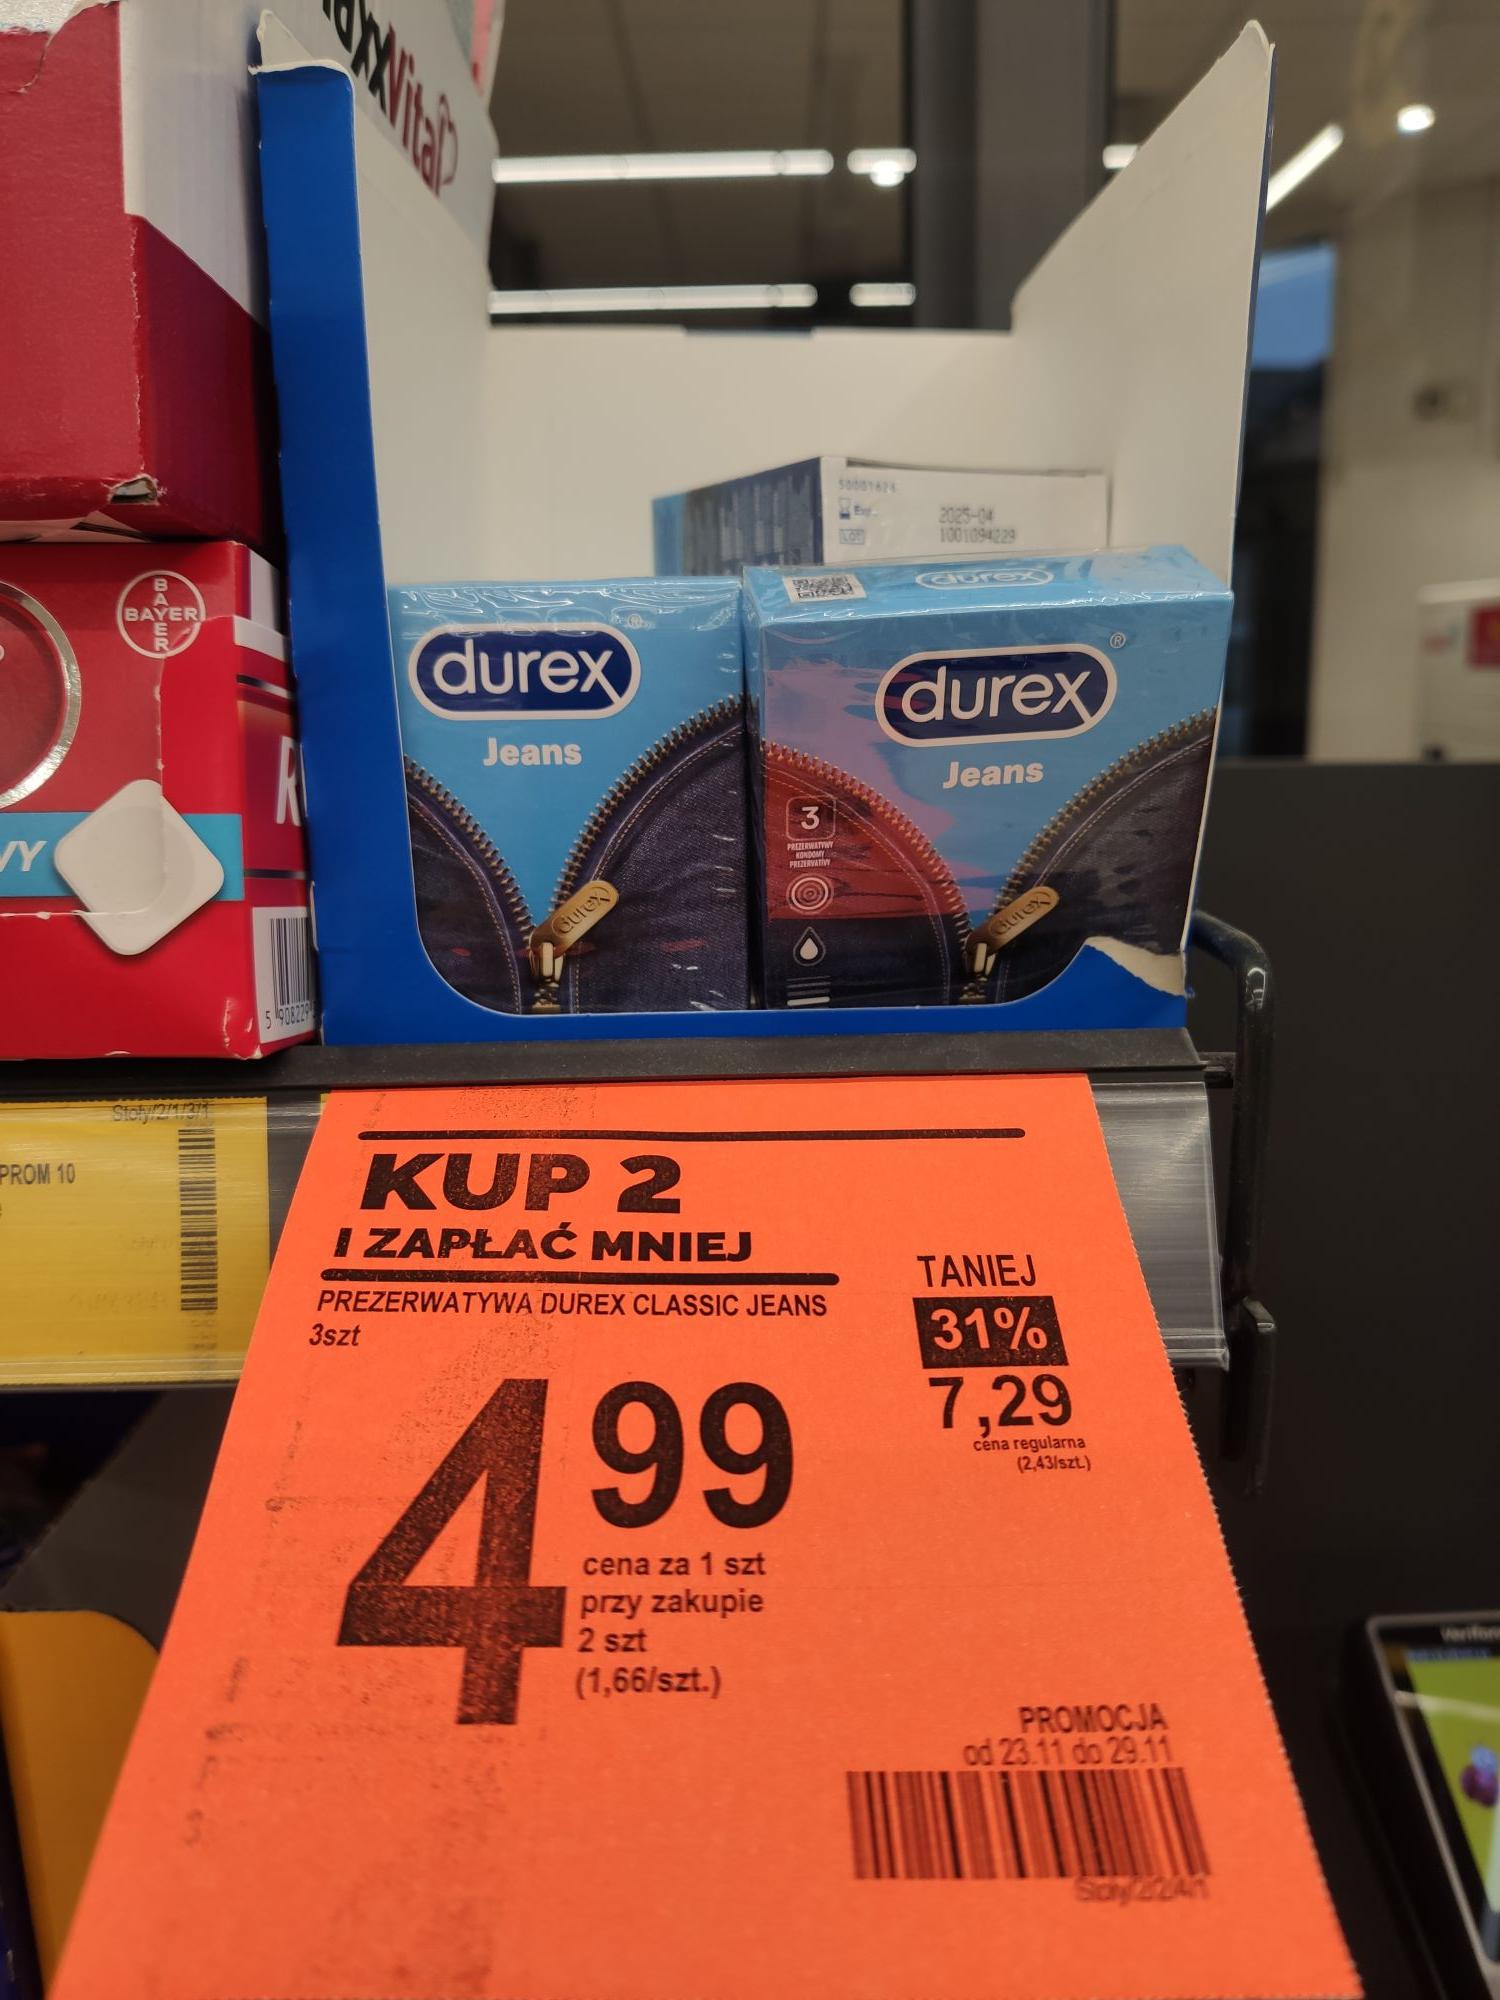 Prezerwatywy Durex Jeans 4,99/opakowanie przy zakupie dwóch opakowań